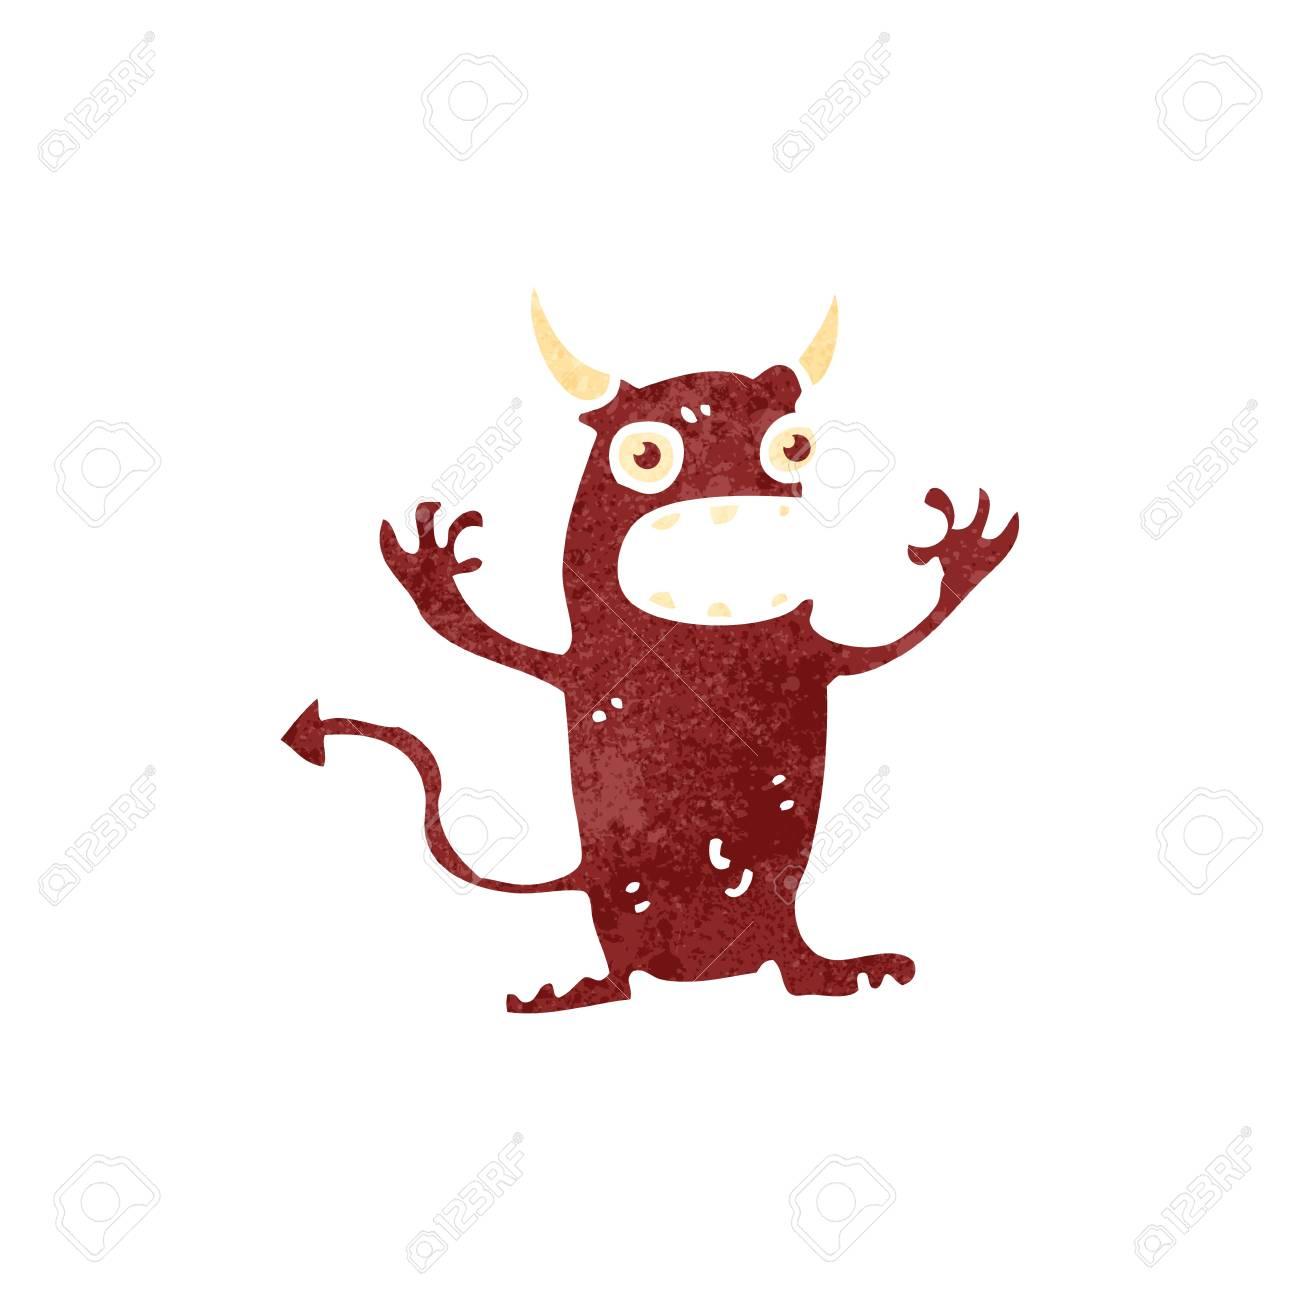 Vettoriale retrò cartone animato piccolo diavolo image